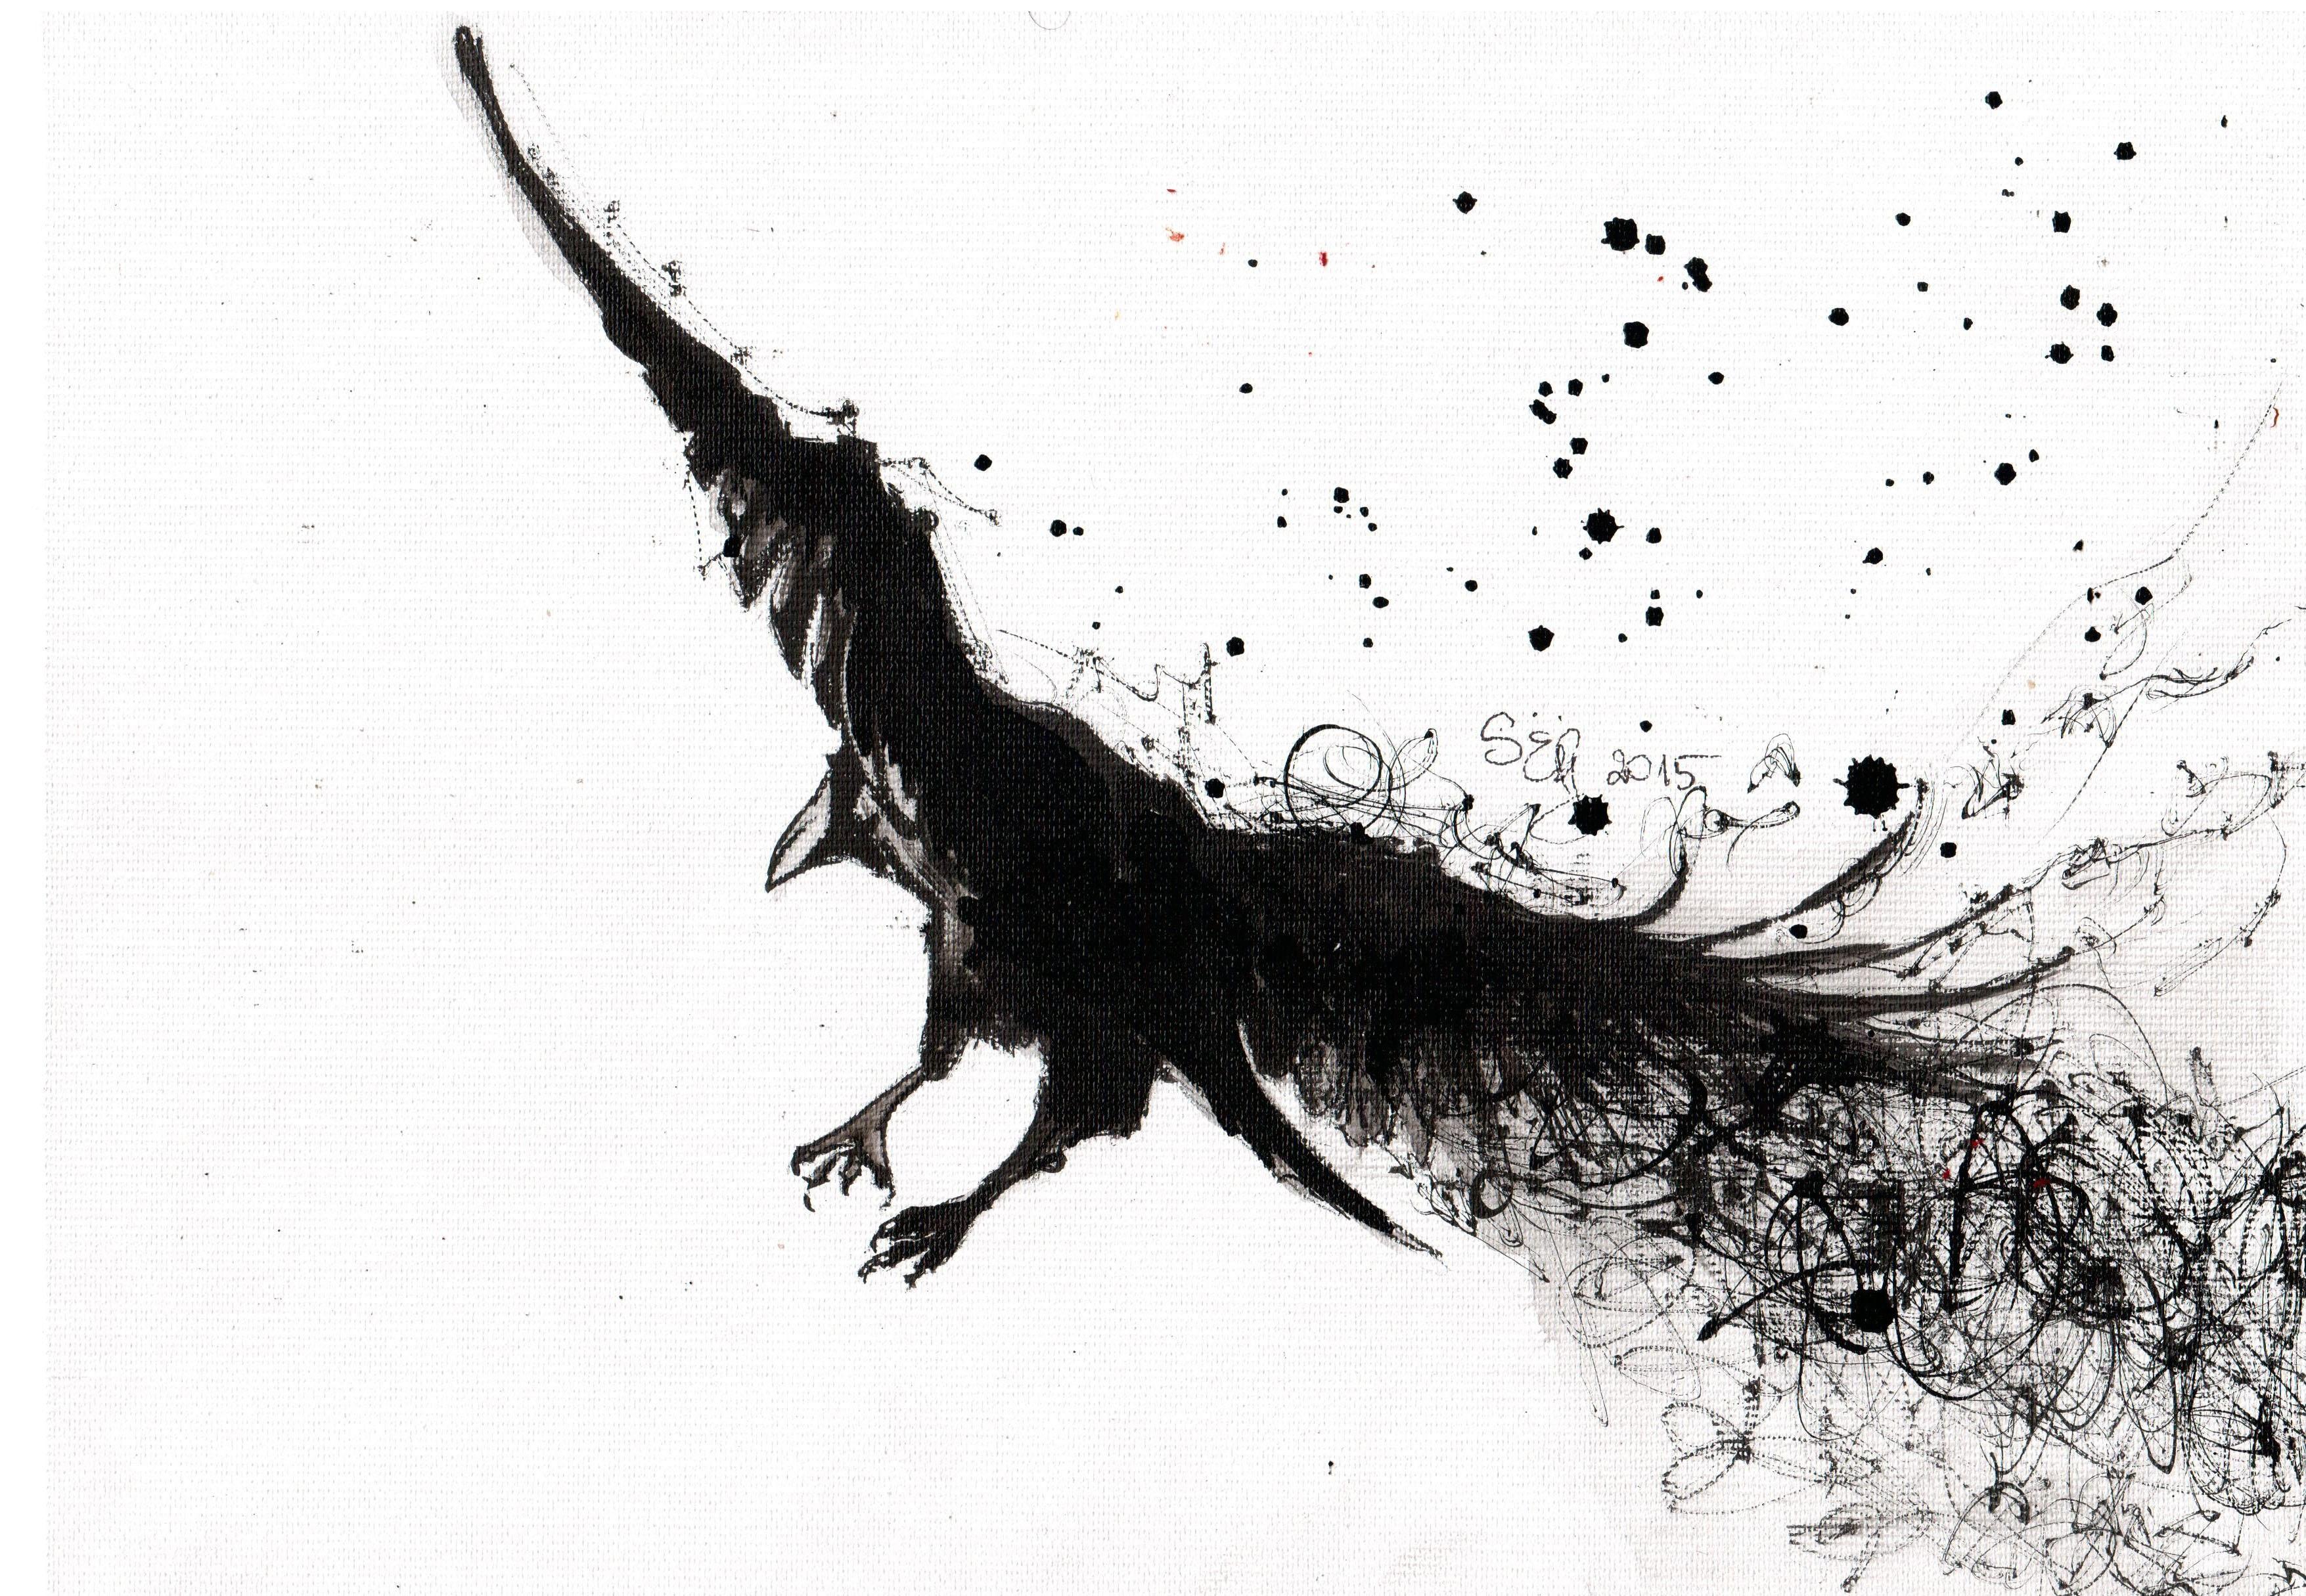 Fond Décran Dessin Des Oiseaux Monochrome Branche